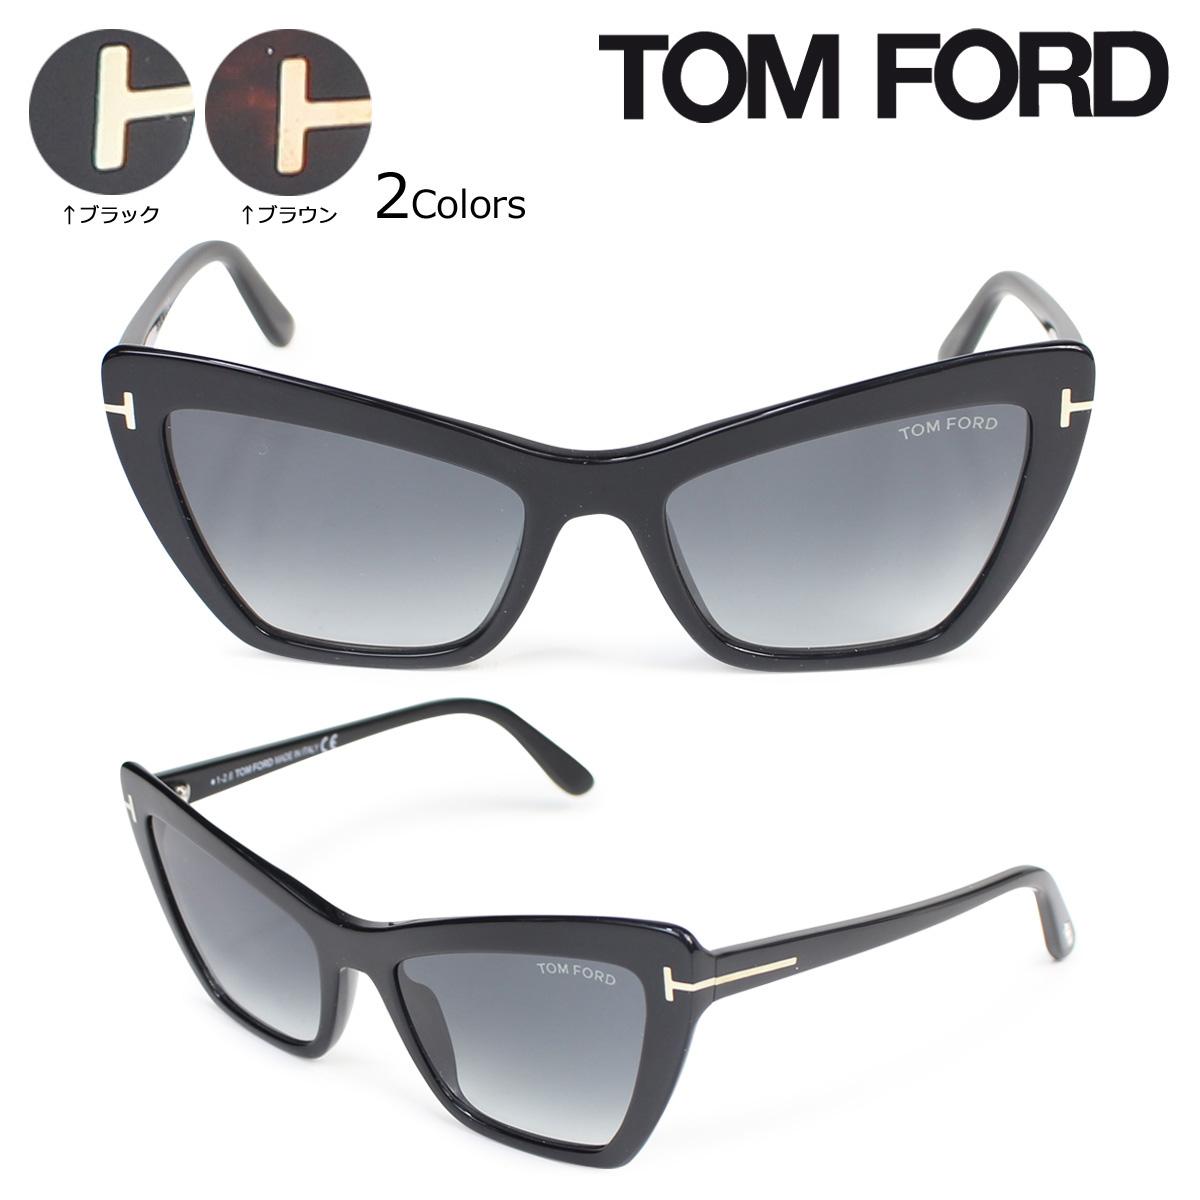 トムフォード TOM FORD サングラス メガネ メンズ レディース アイウェア FT0555 VALESCA SUNGLASSES 2カラー